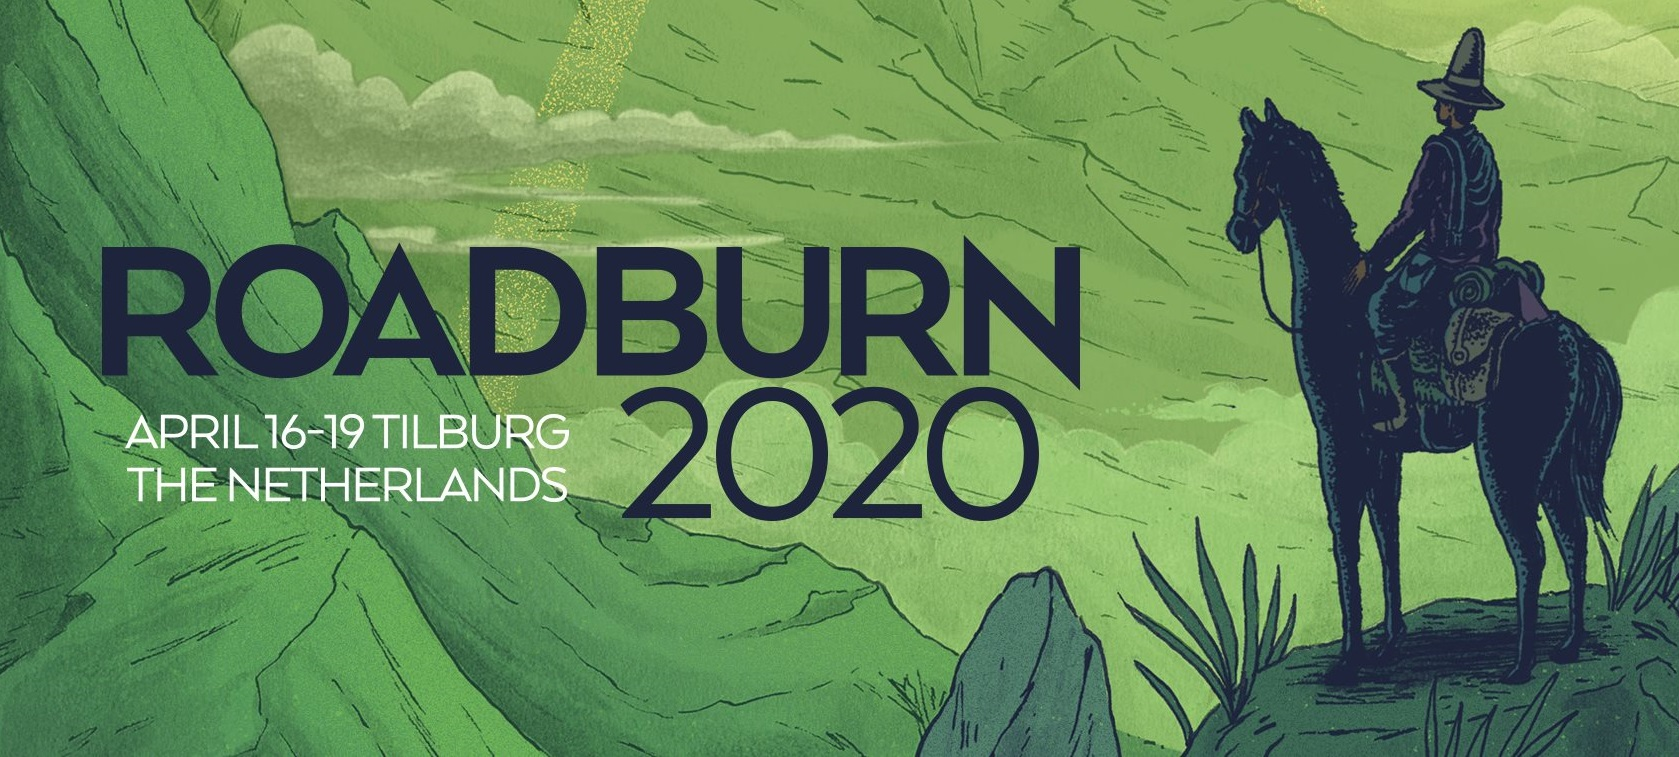 roadburn 2020 new banner